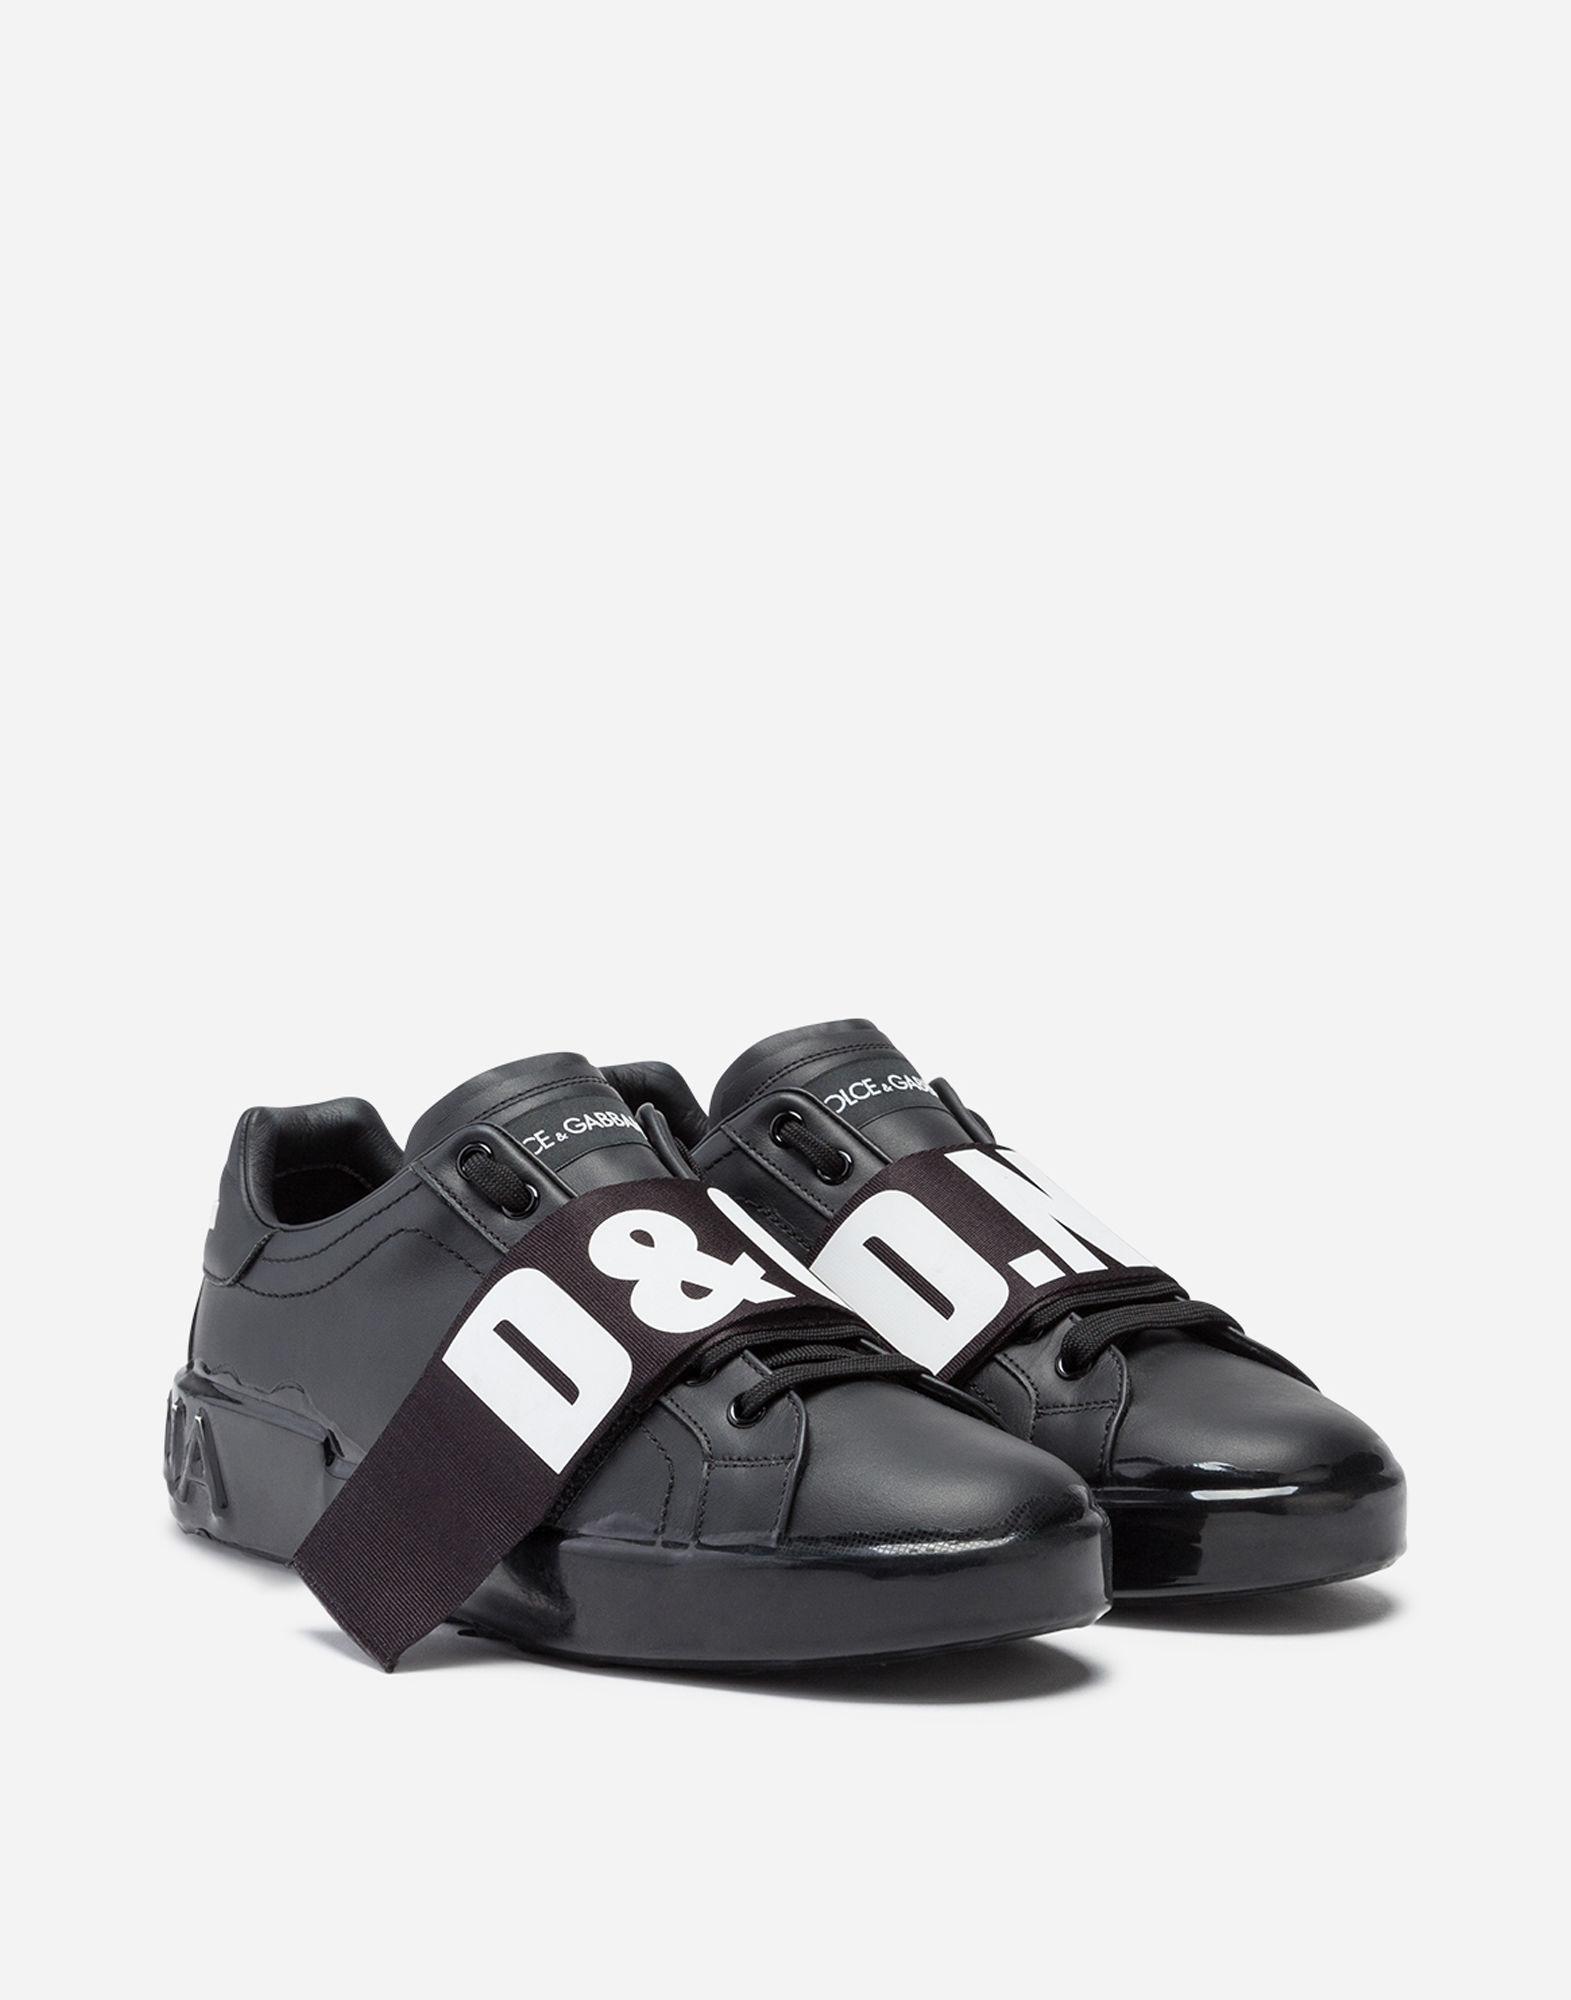 Dolce \u0026 Gabbana Leather Calfskin Nappa